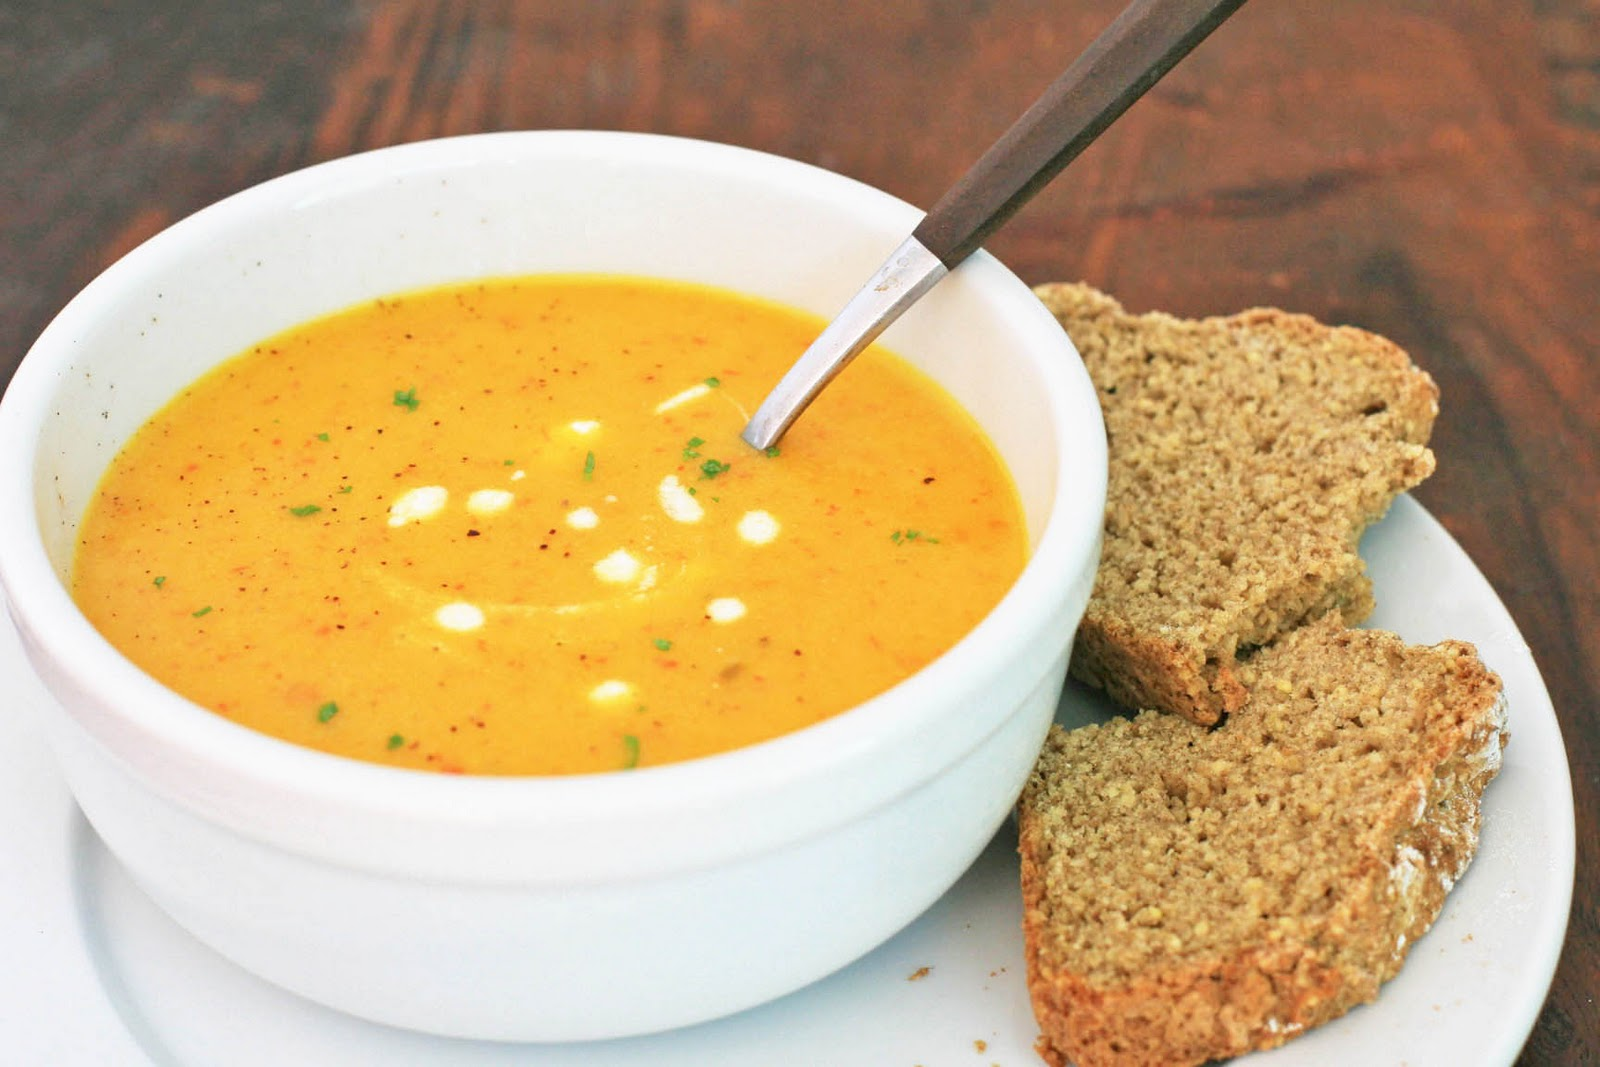 Правила варки супов - простые и понятные рекомендации